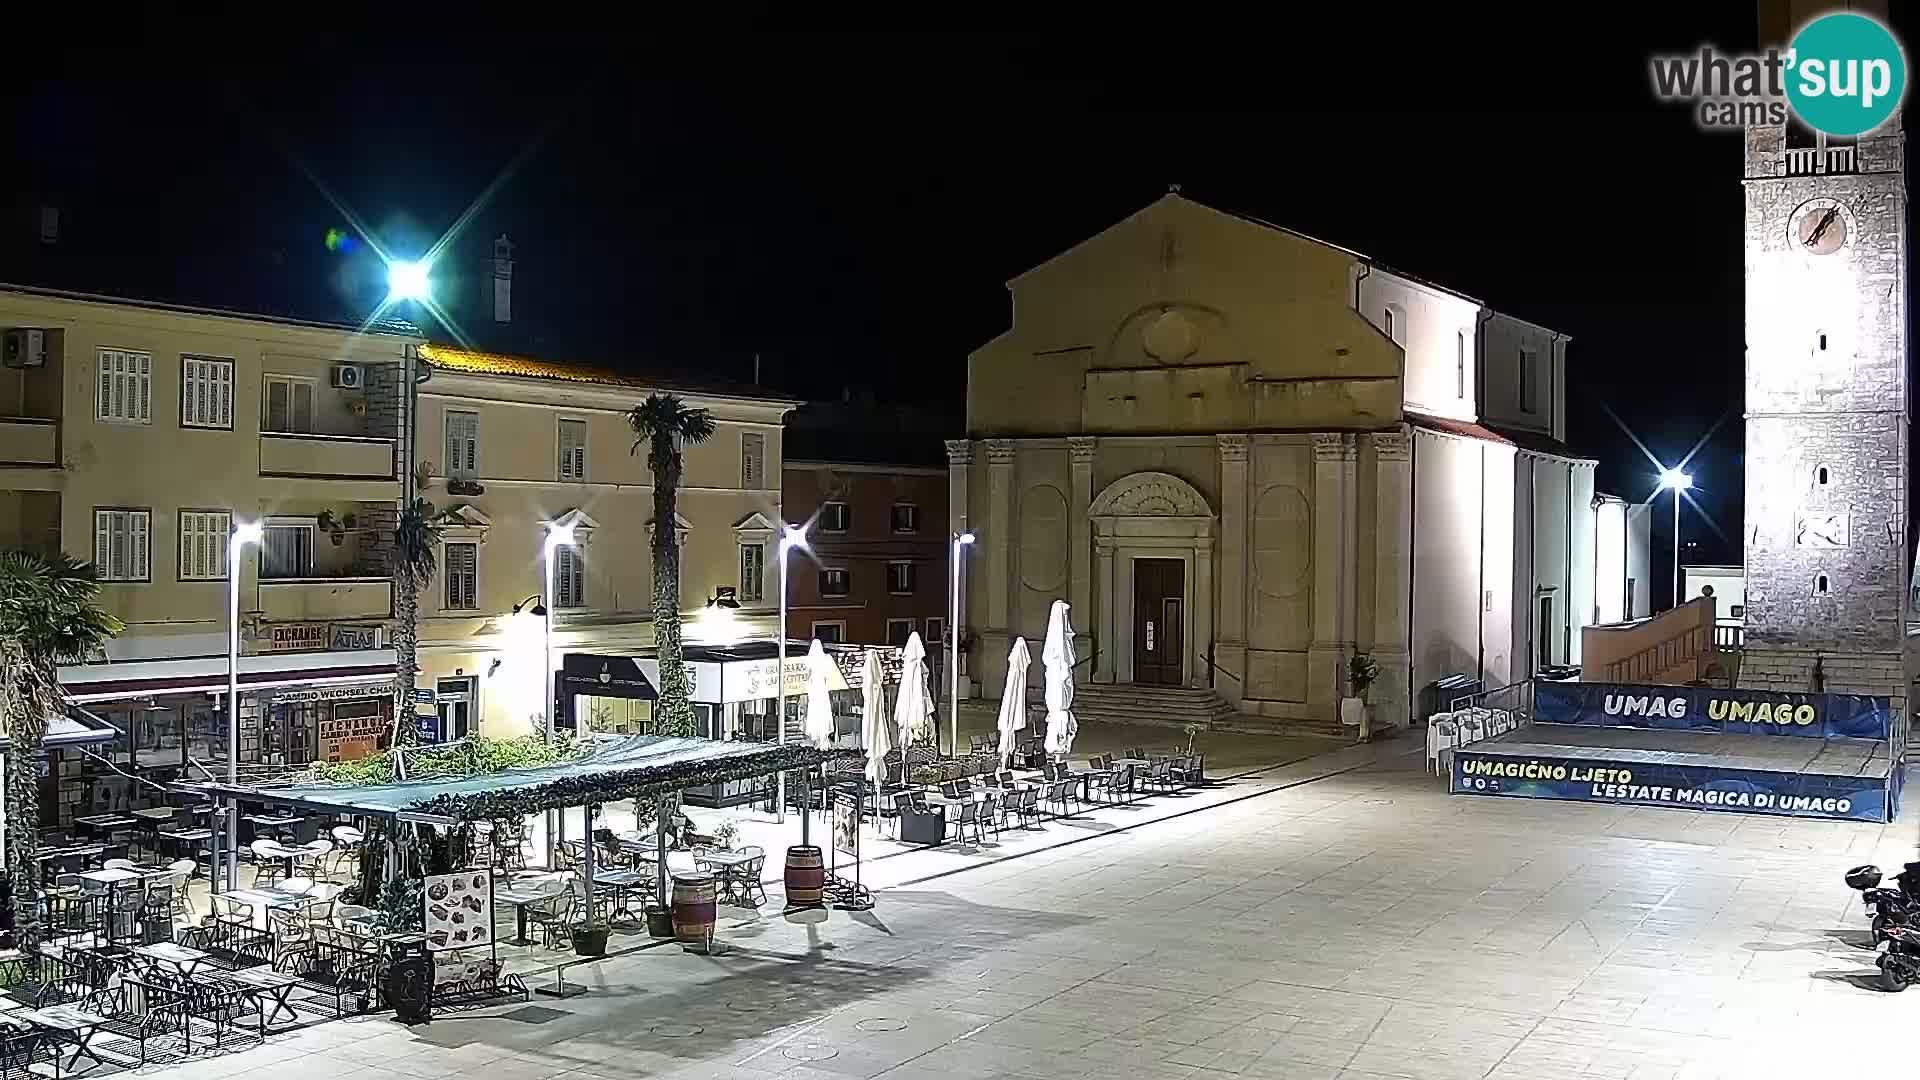 Plaza principal Umag camera en vivo